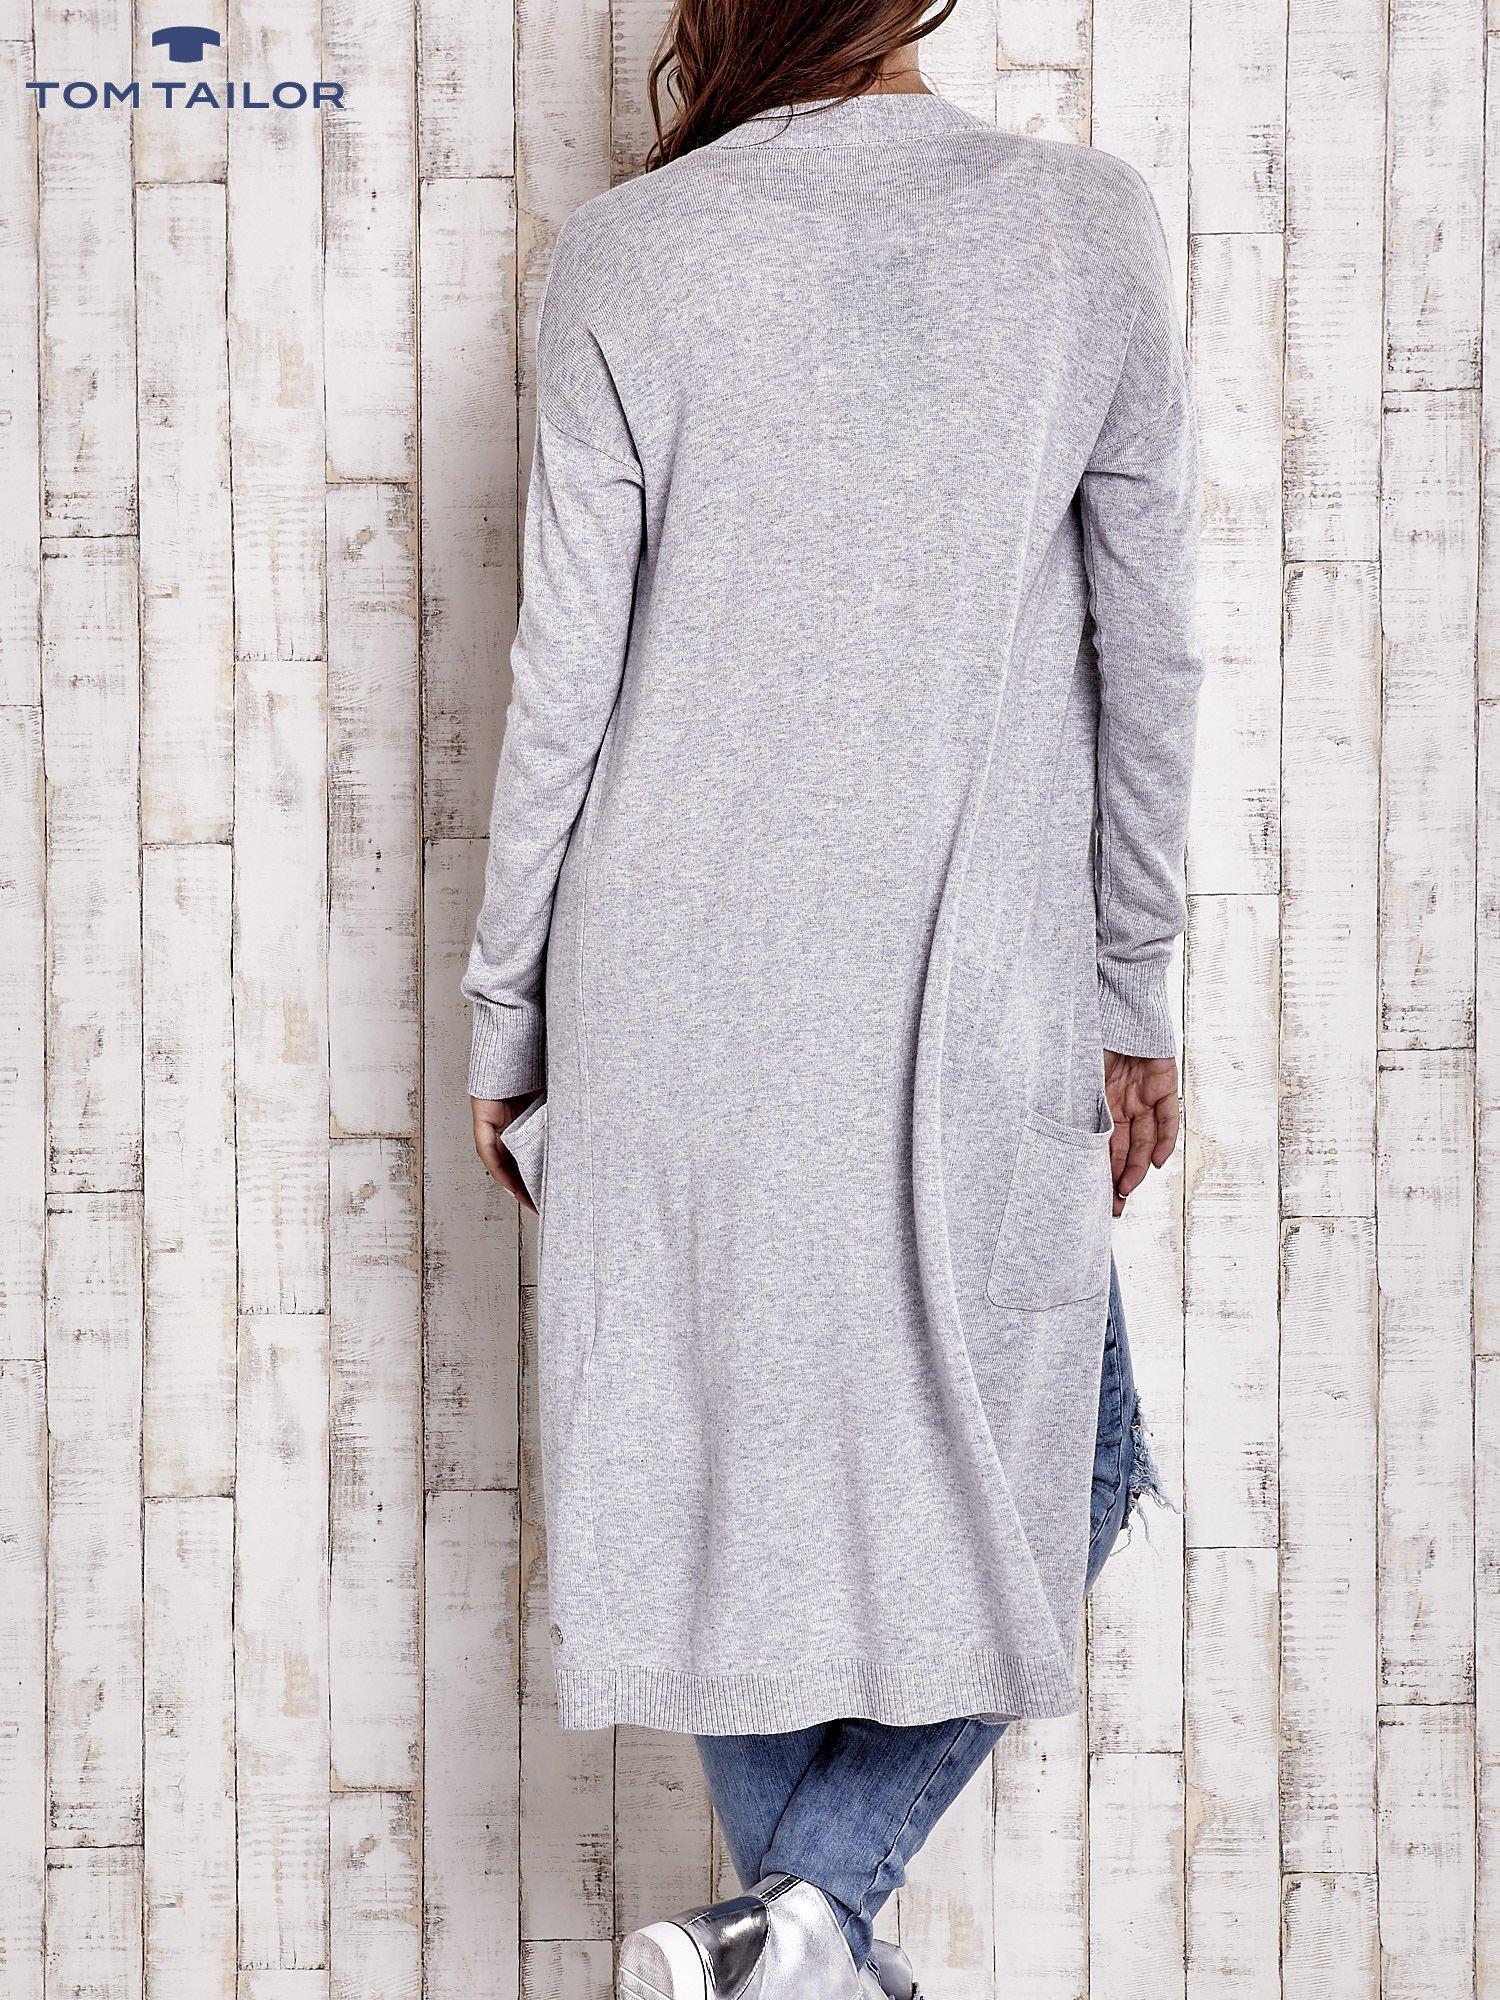 TOM TAILOR Szary długi sweter z kieszeniami                                  zdj.                                  2